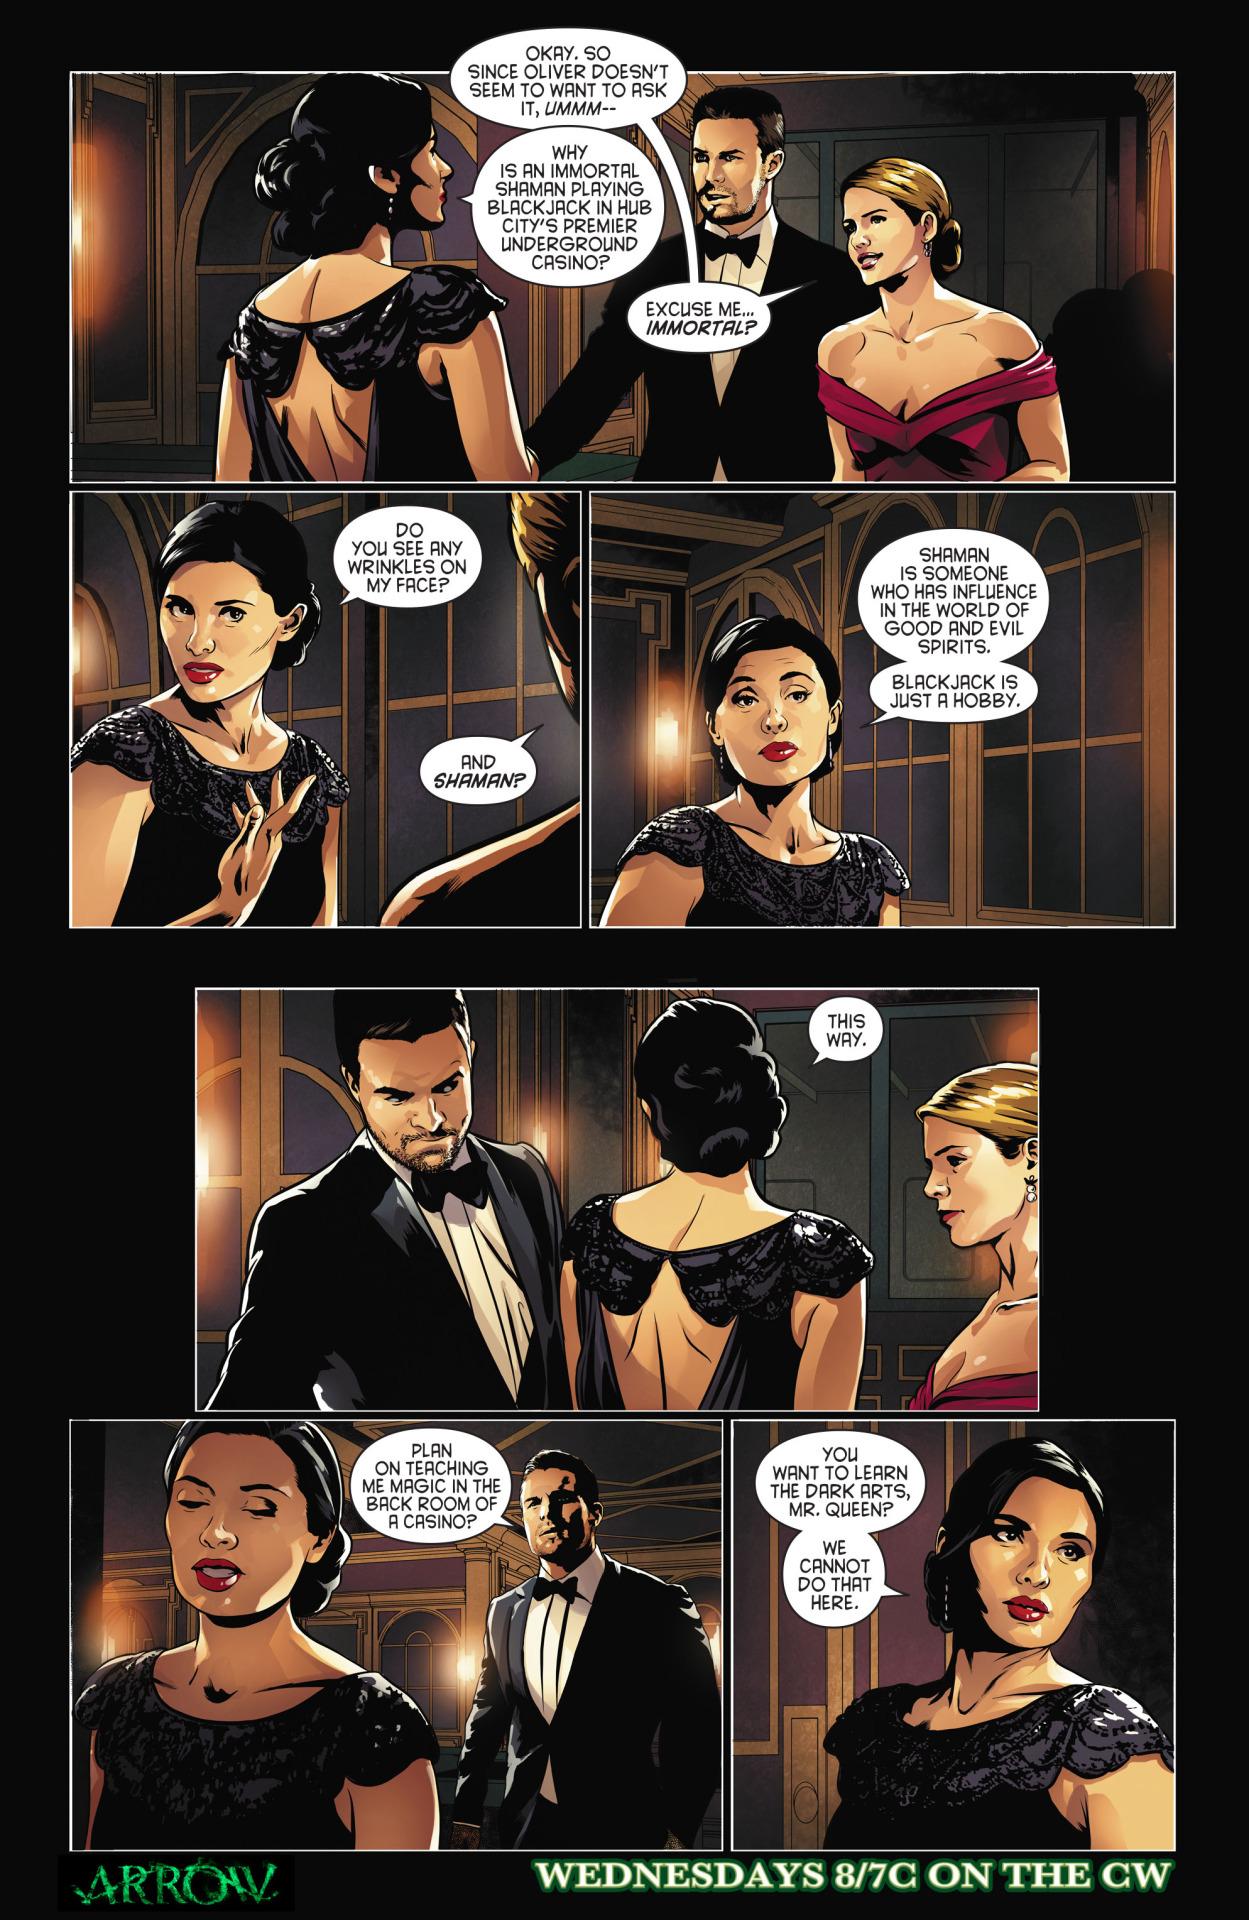 Arrow comic sneak peek - Genesis.png